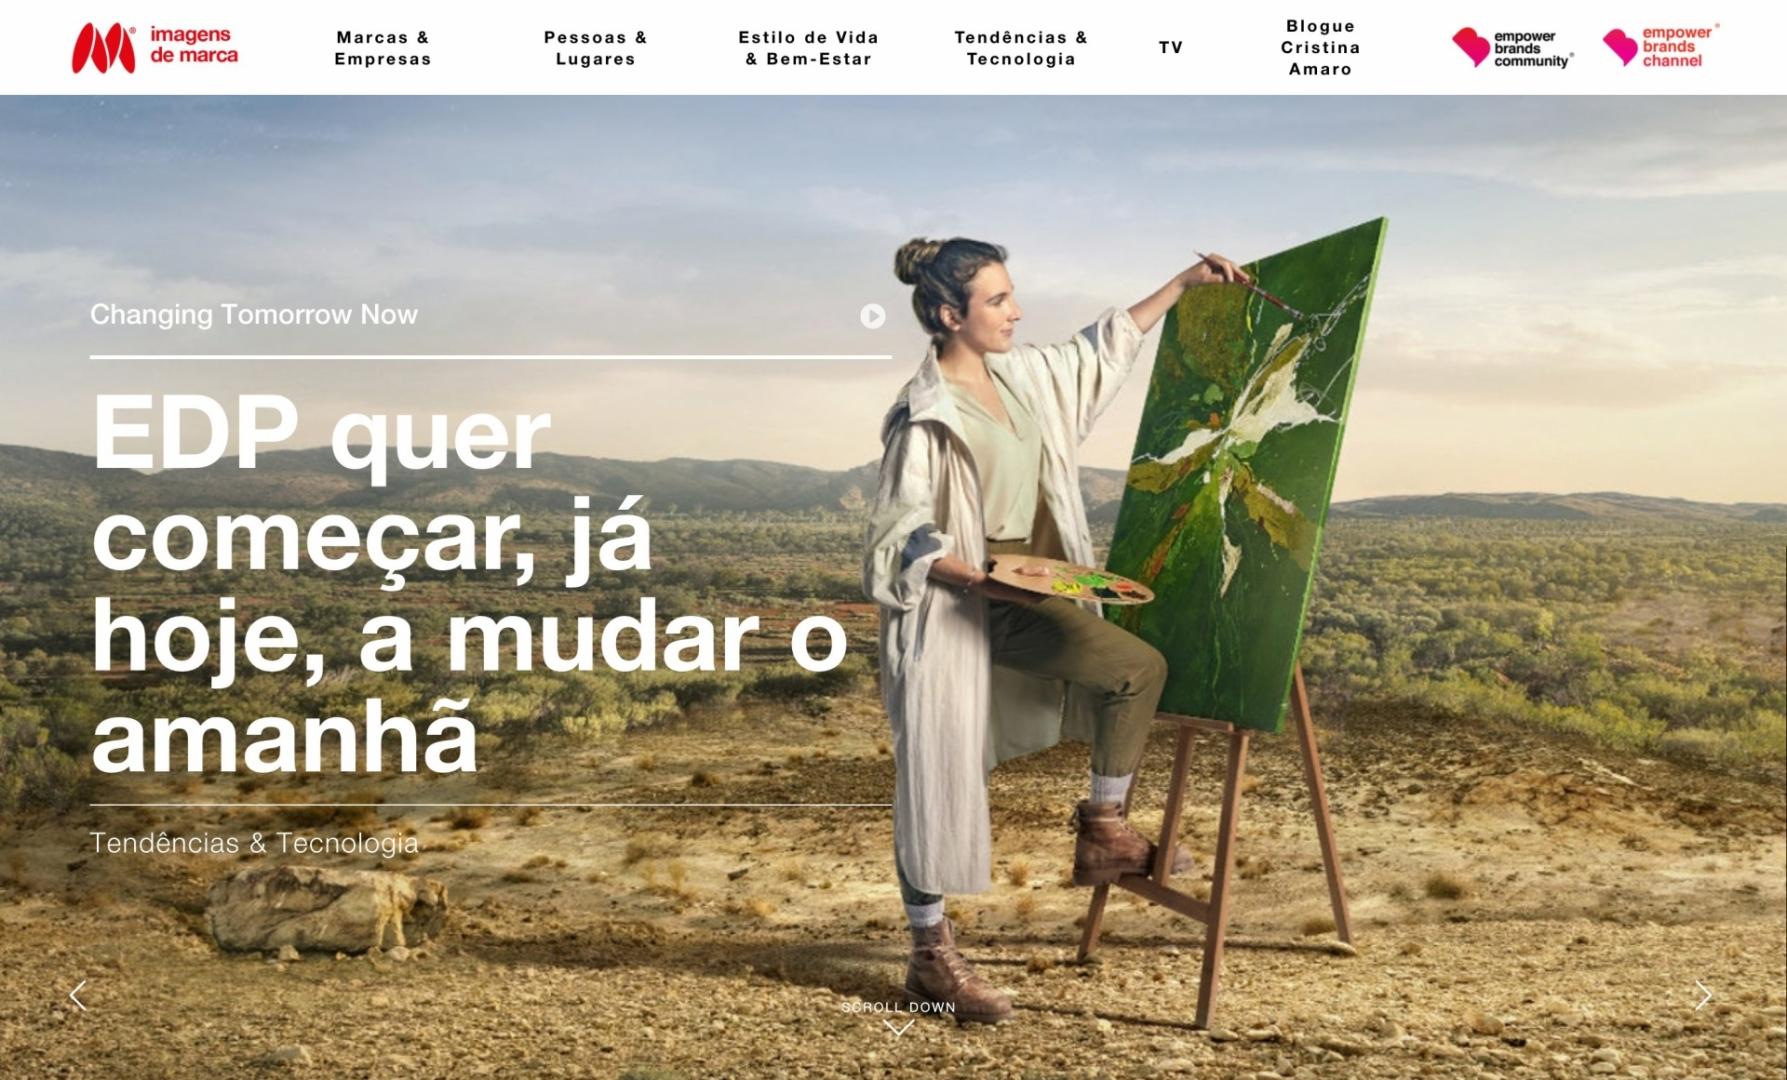 Carolina Piteira Press Imagens de Marca - EDP Changing Tomorrow Now (1)